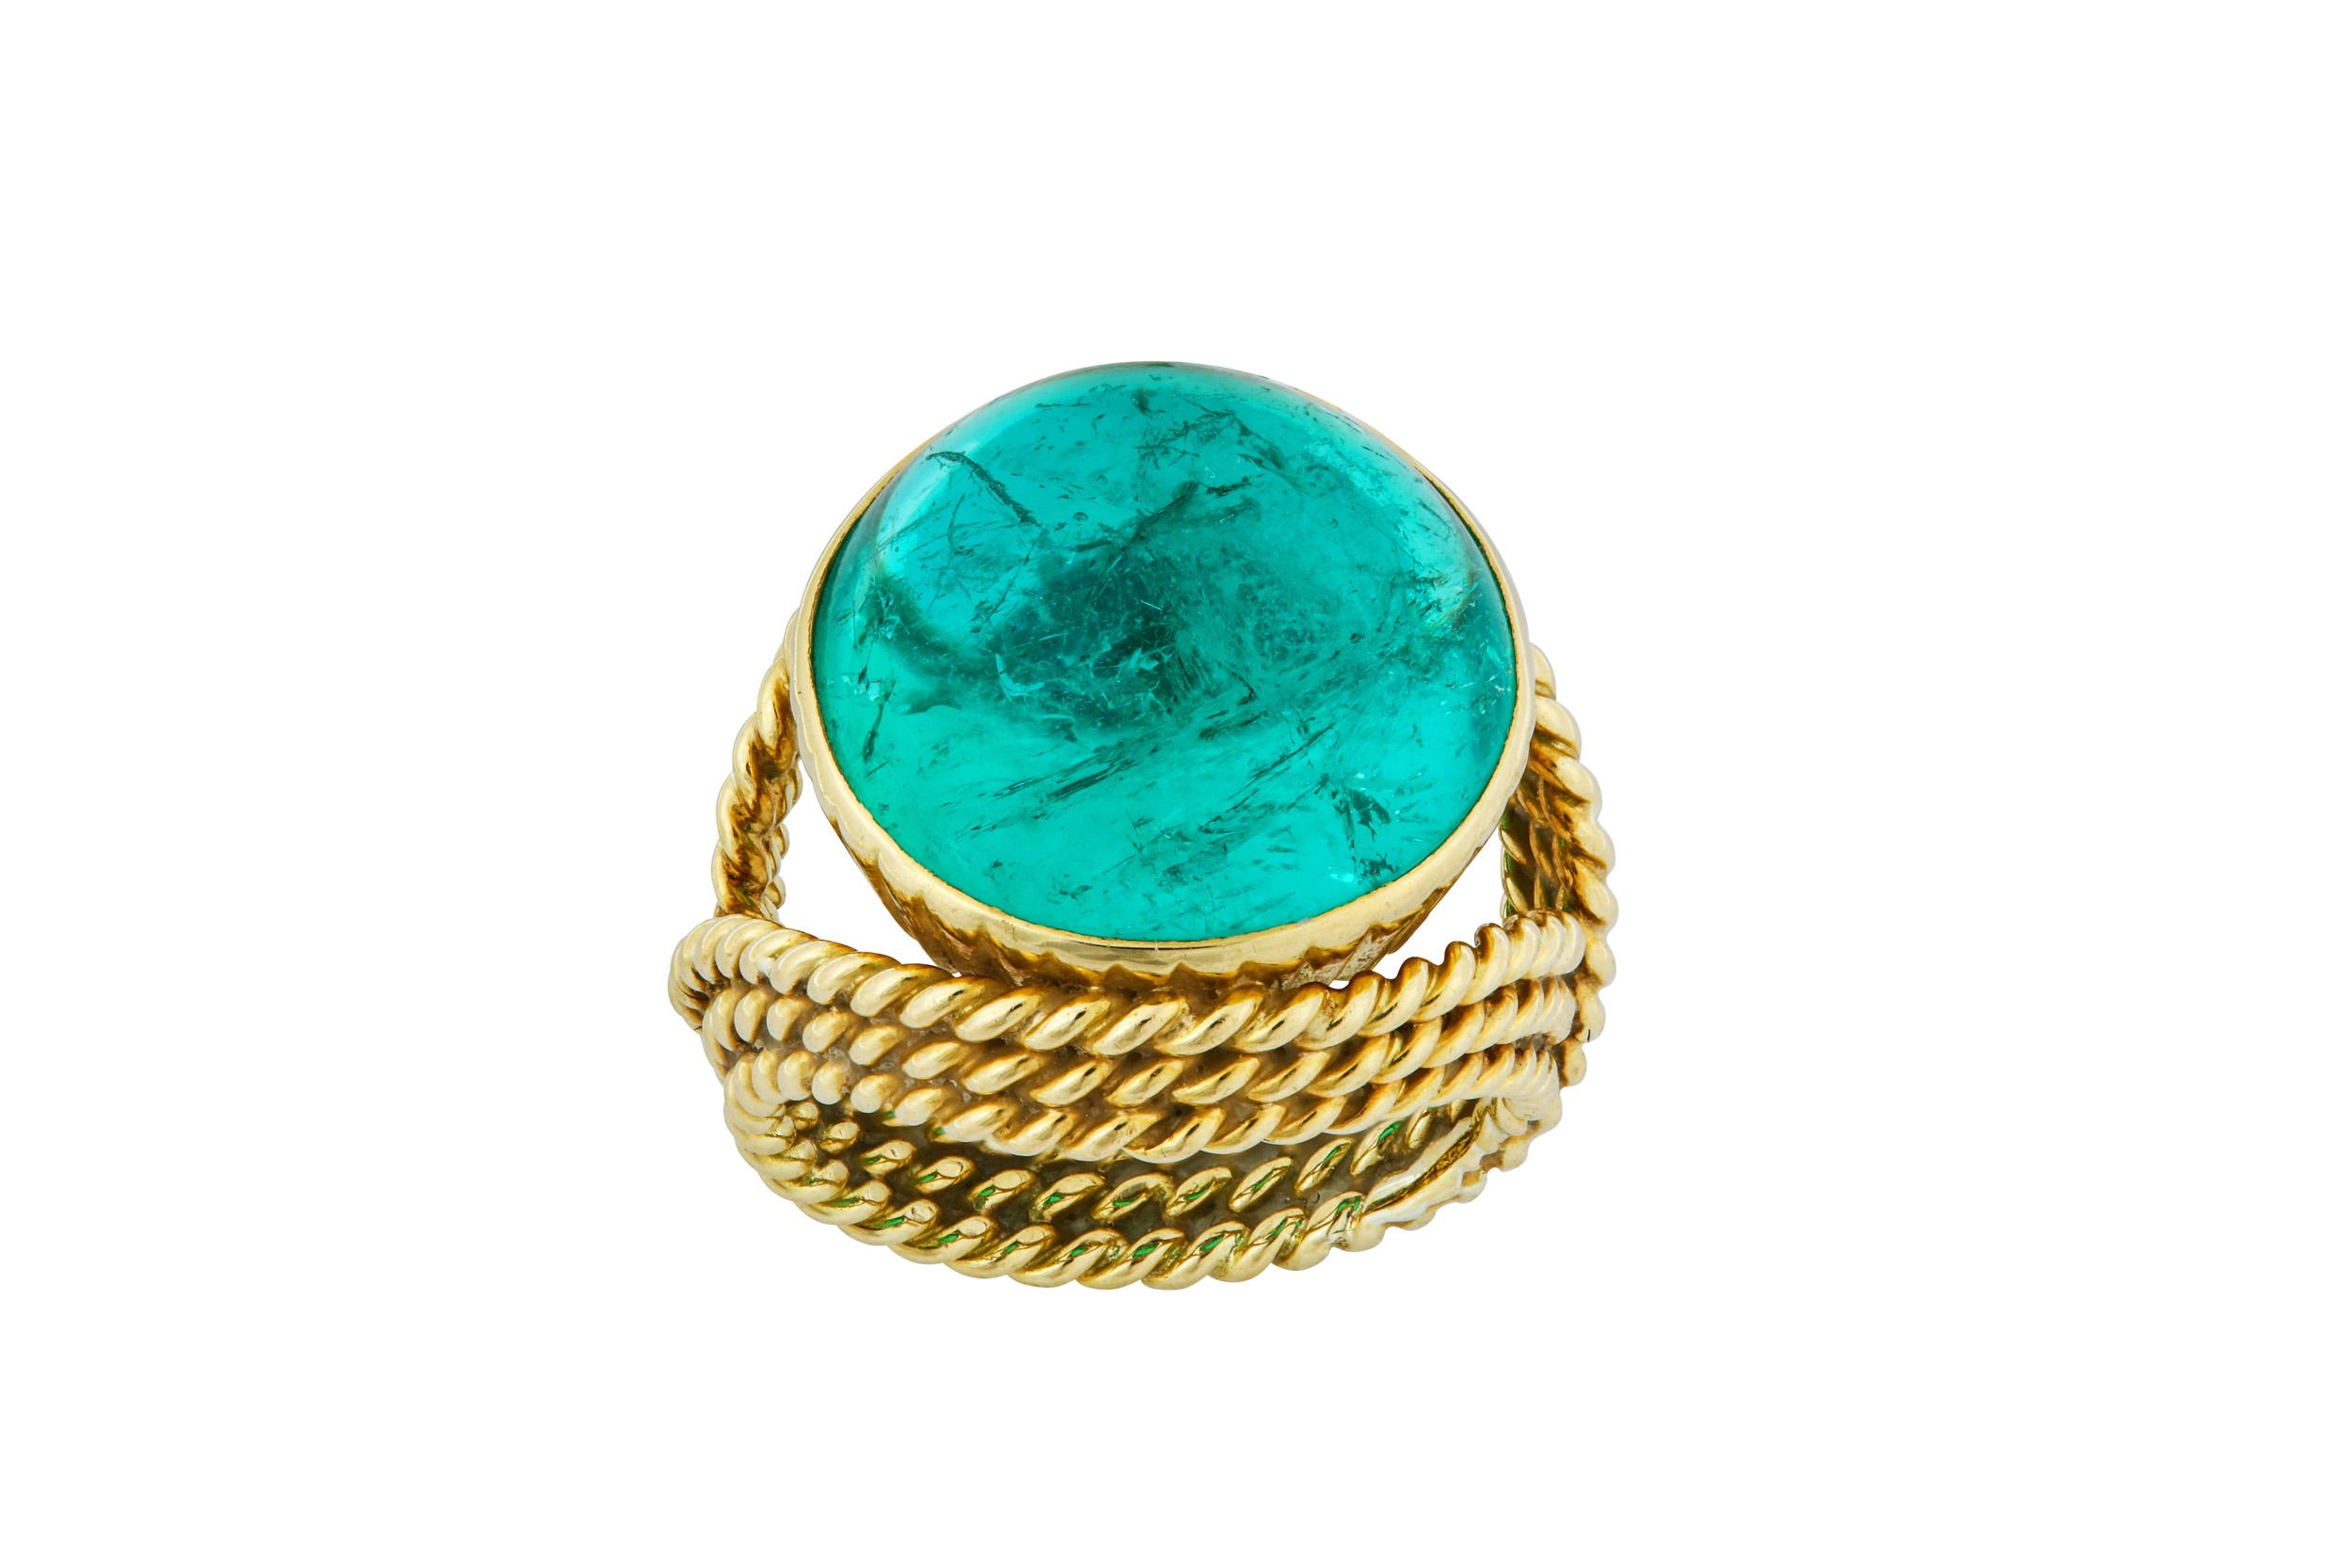 Lot 22 - An emerald dress ring